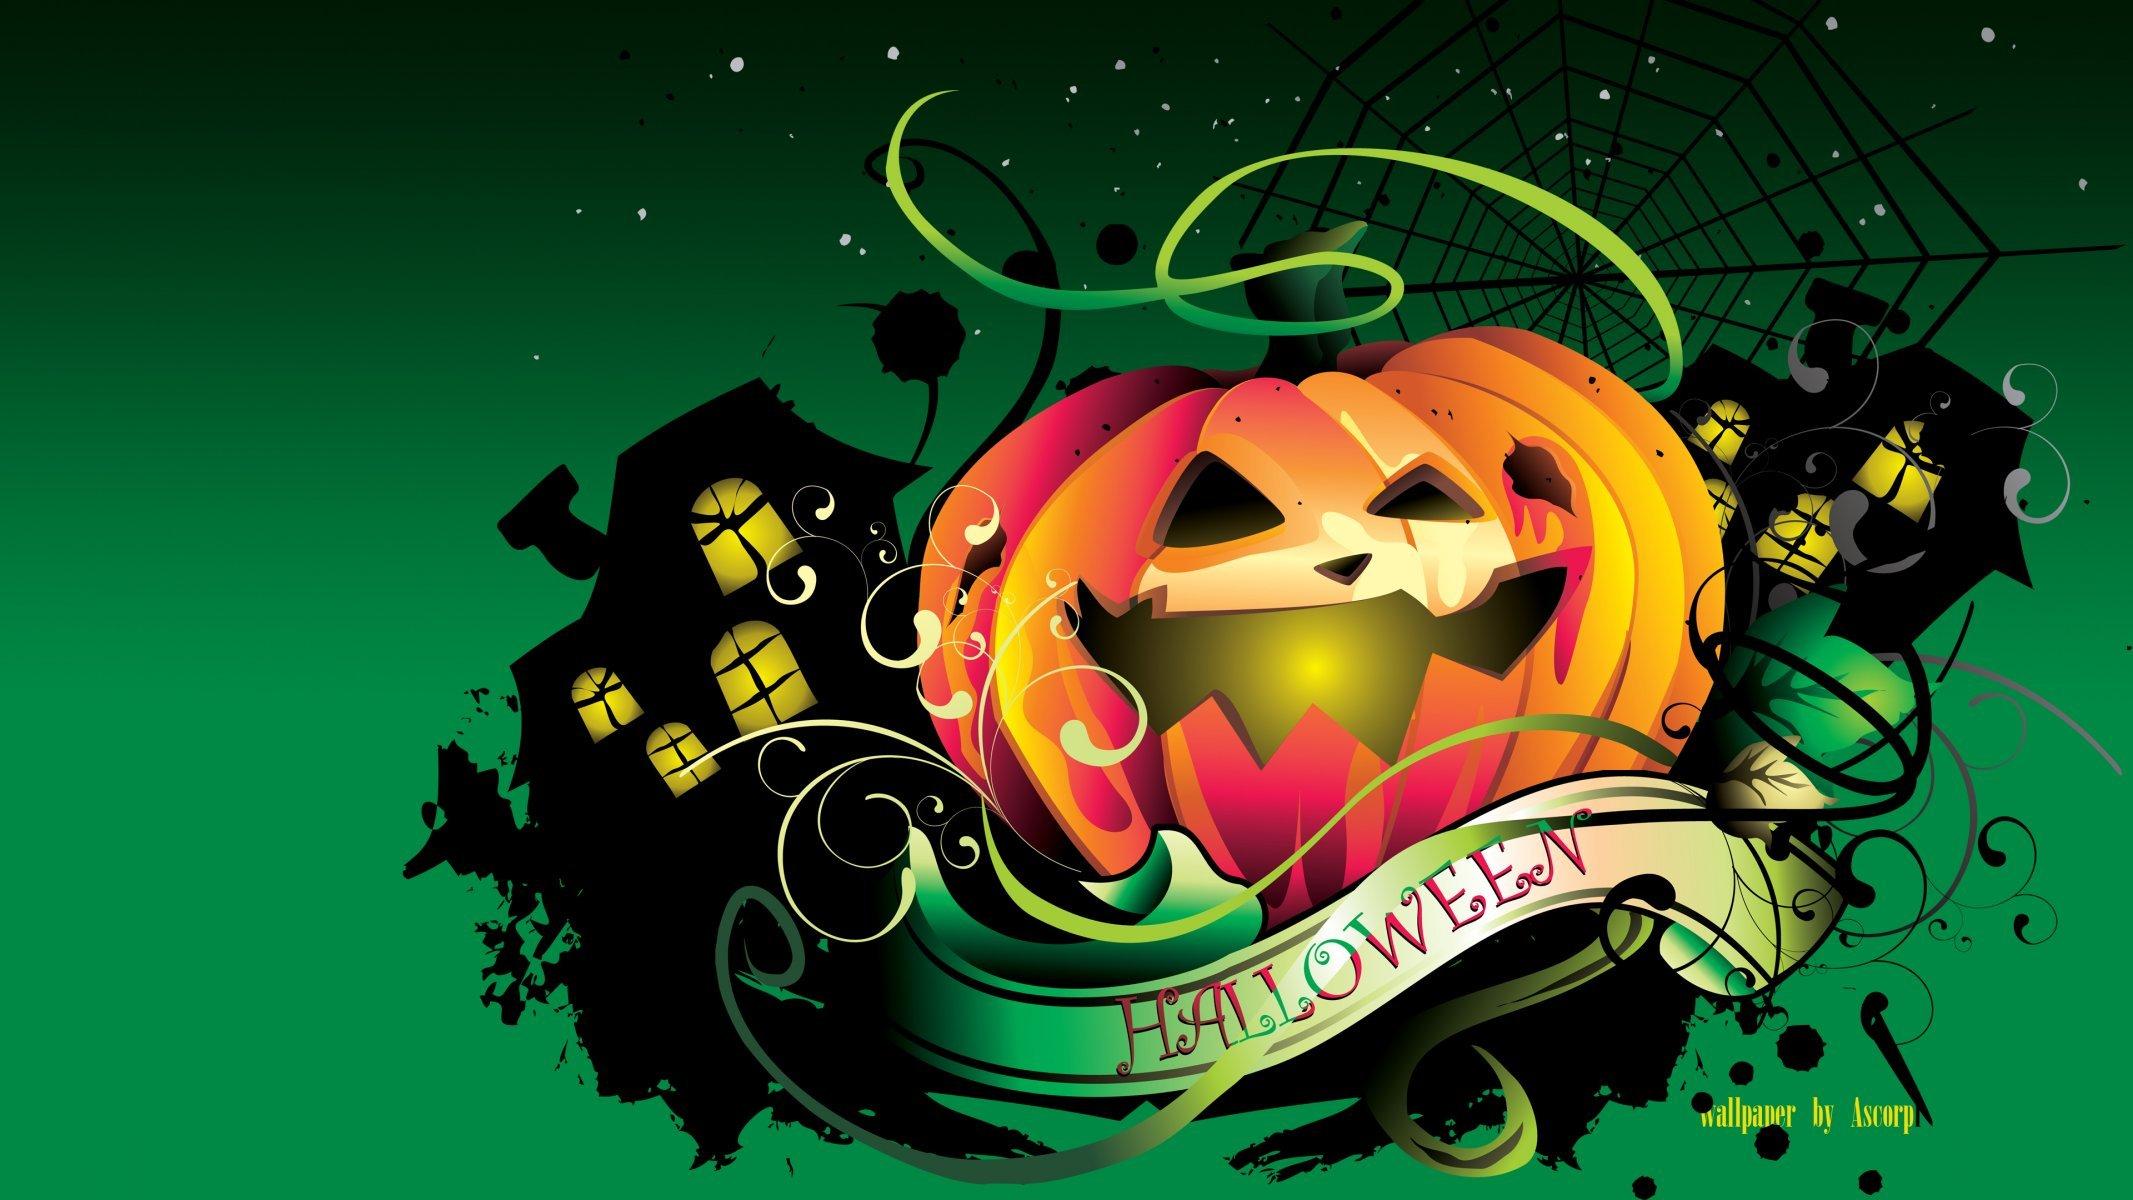 hallowen pumpkin all saints day HD wallpaper.